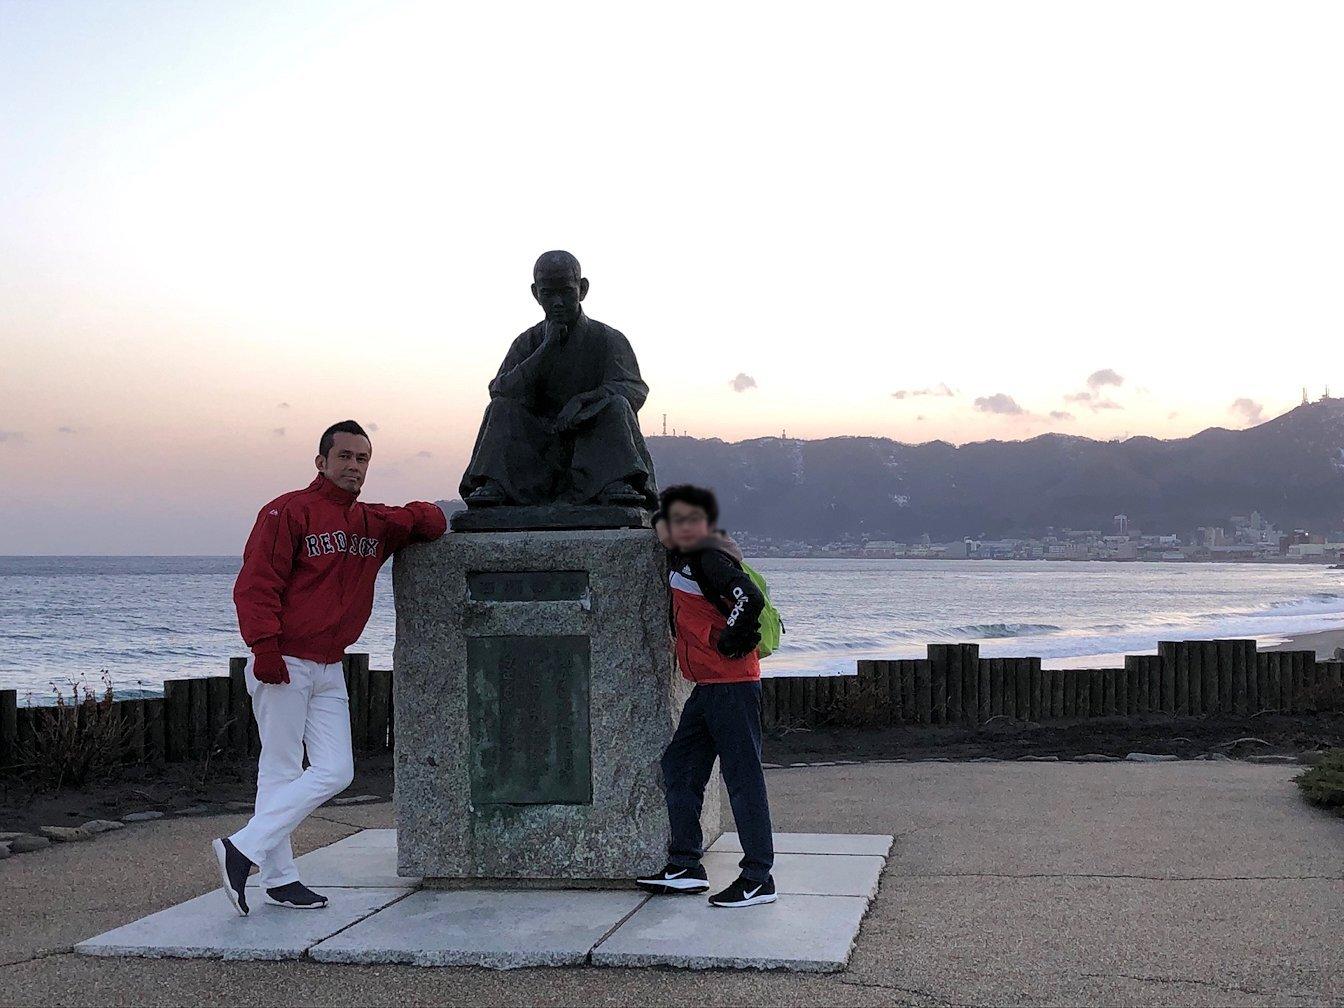 函館市内で五稜郭の見学を終えてホテル周辺で海を眺めて石川啄木公園に向かう4